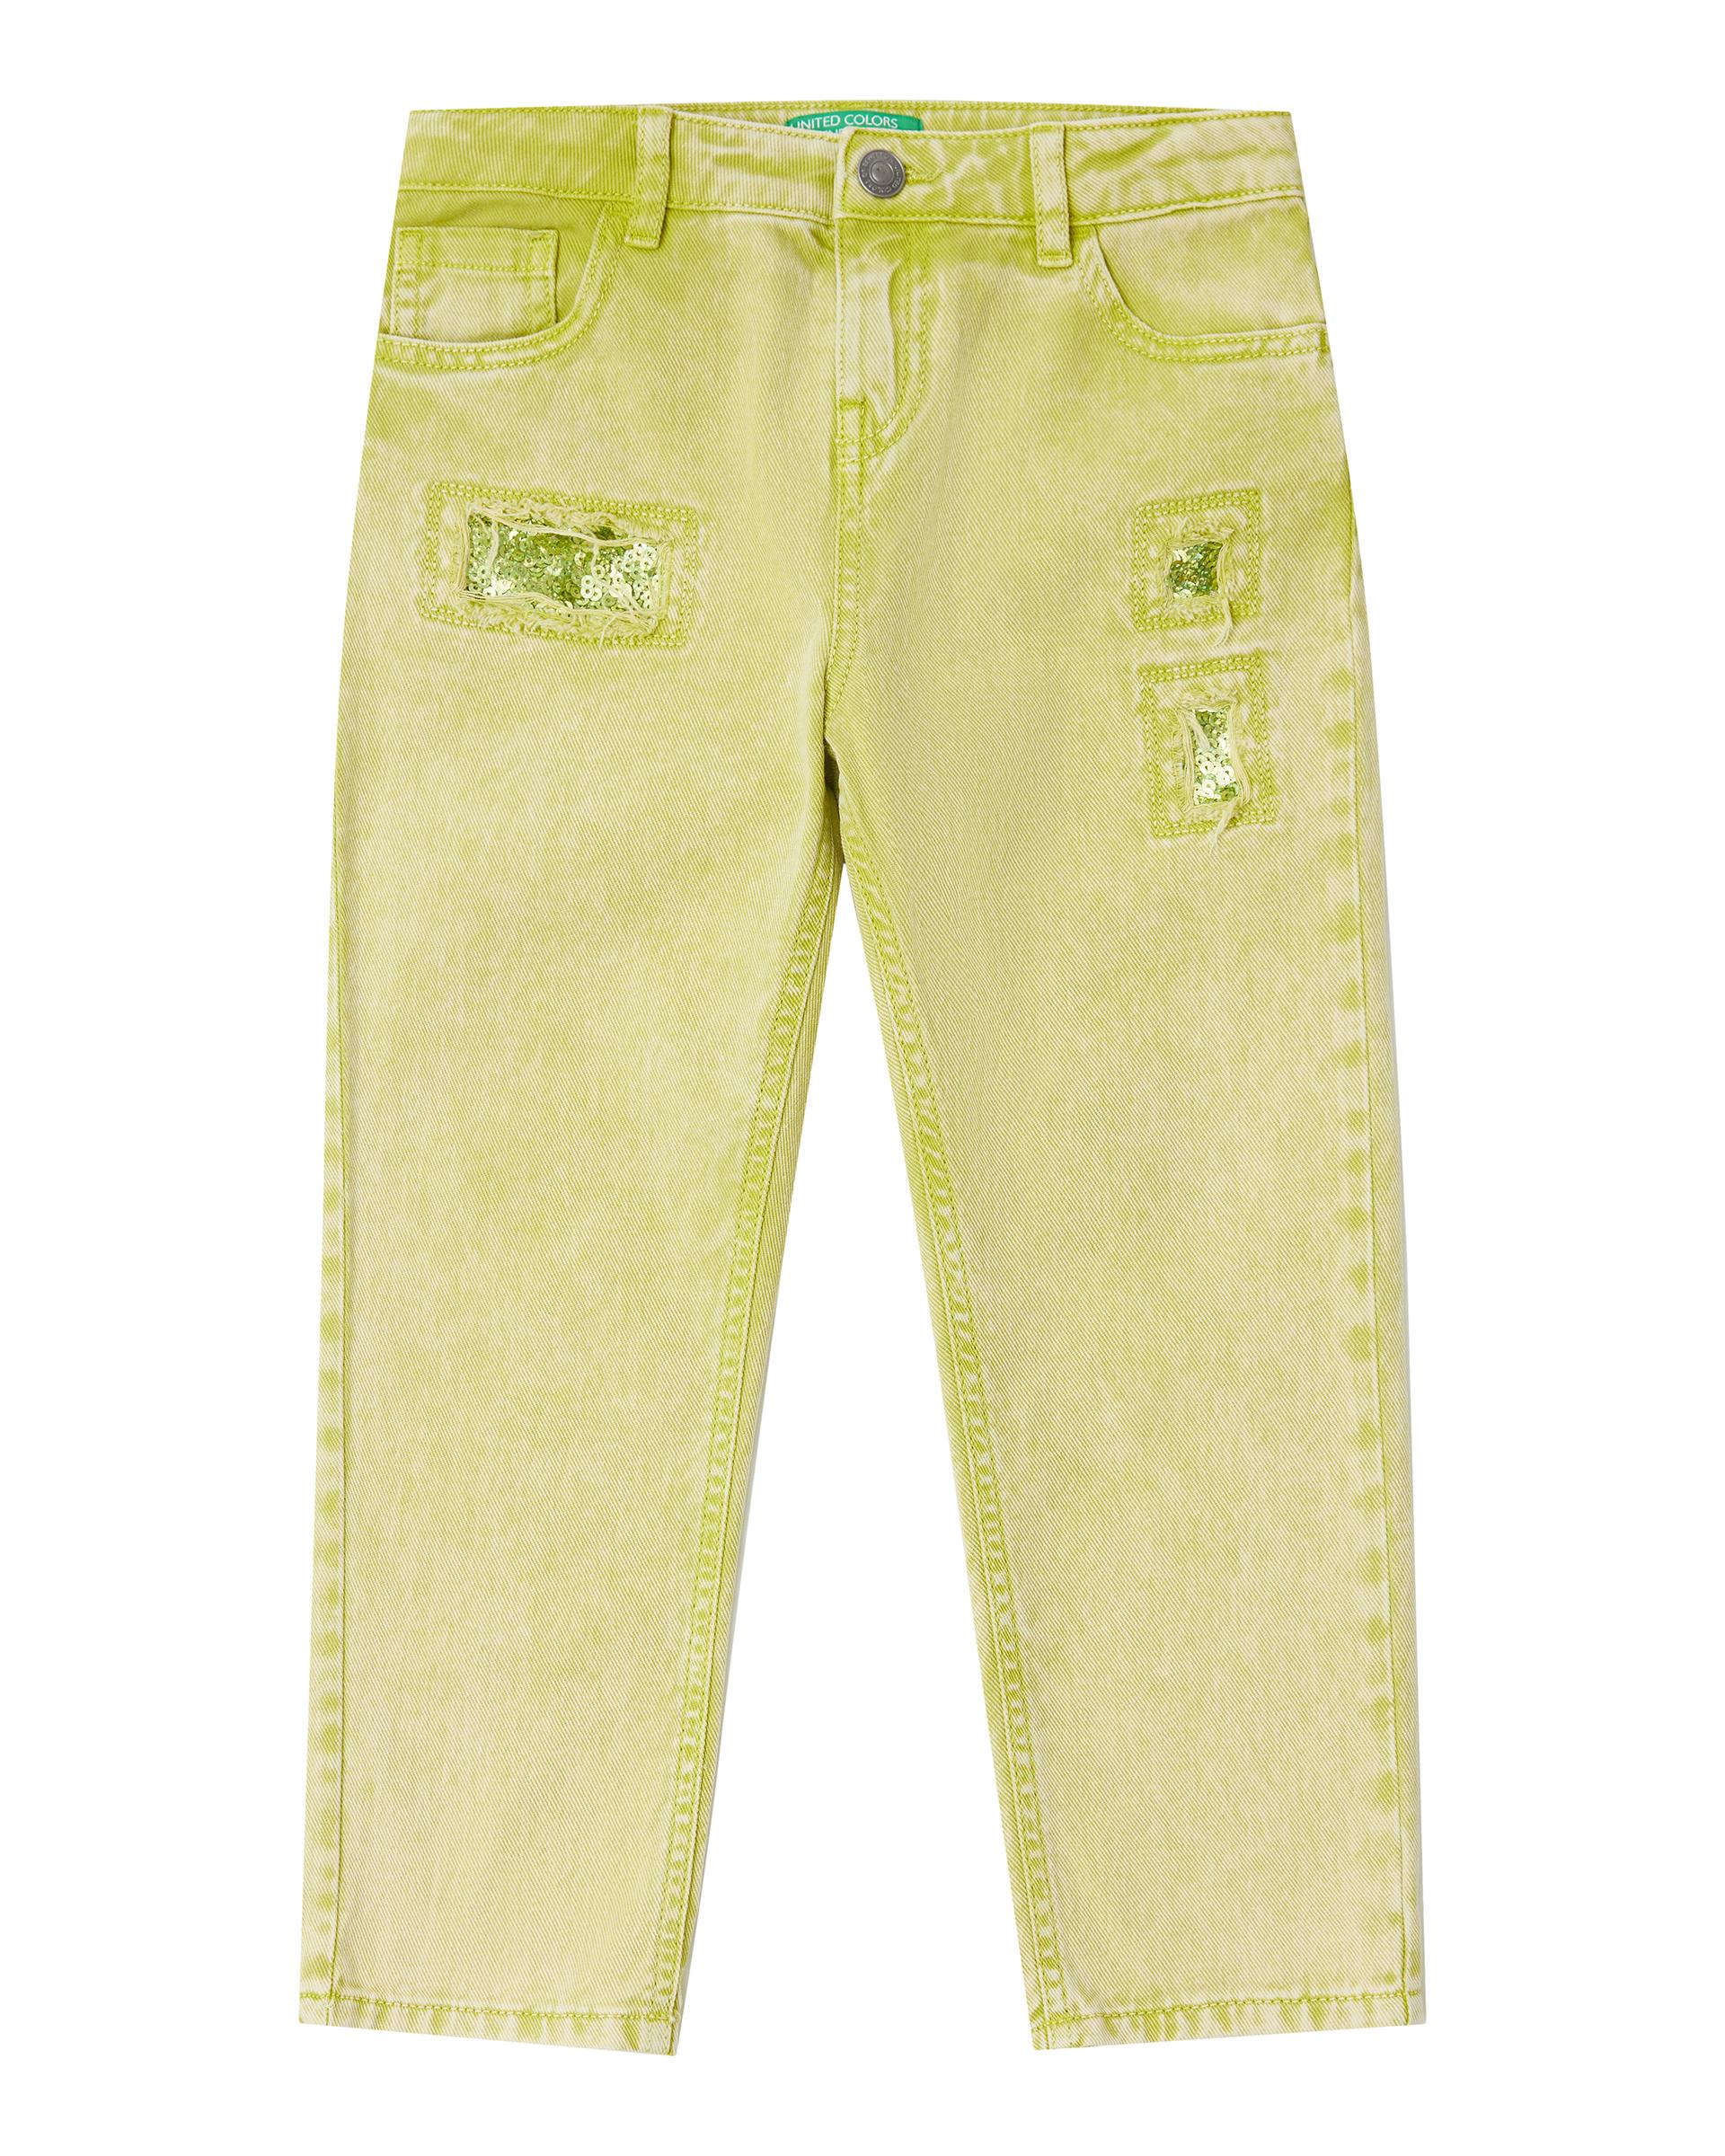 Купить 20P_4PL355B60_902, Брюки для девочек Benetton 4PL355B60_902 р-р 140, United Colors of Benetton, Джинсы для девочек